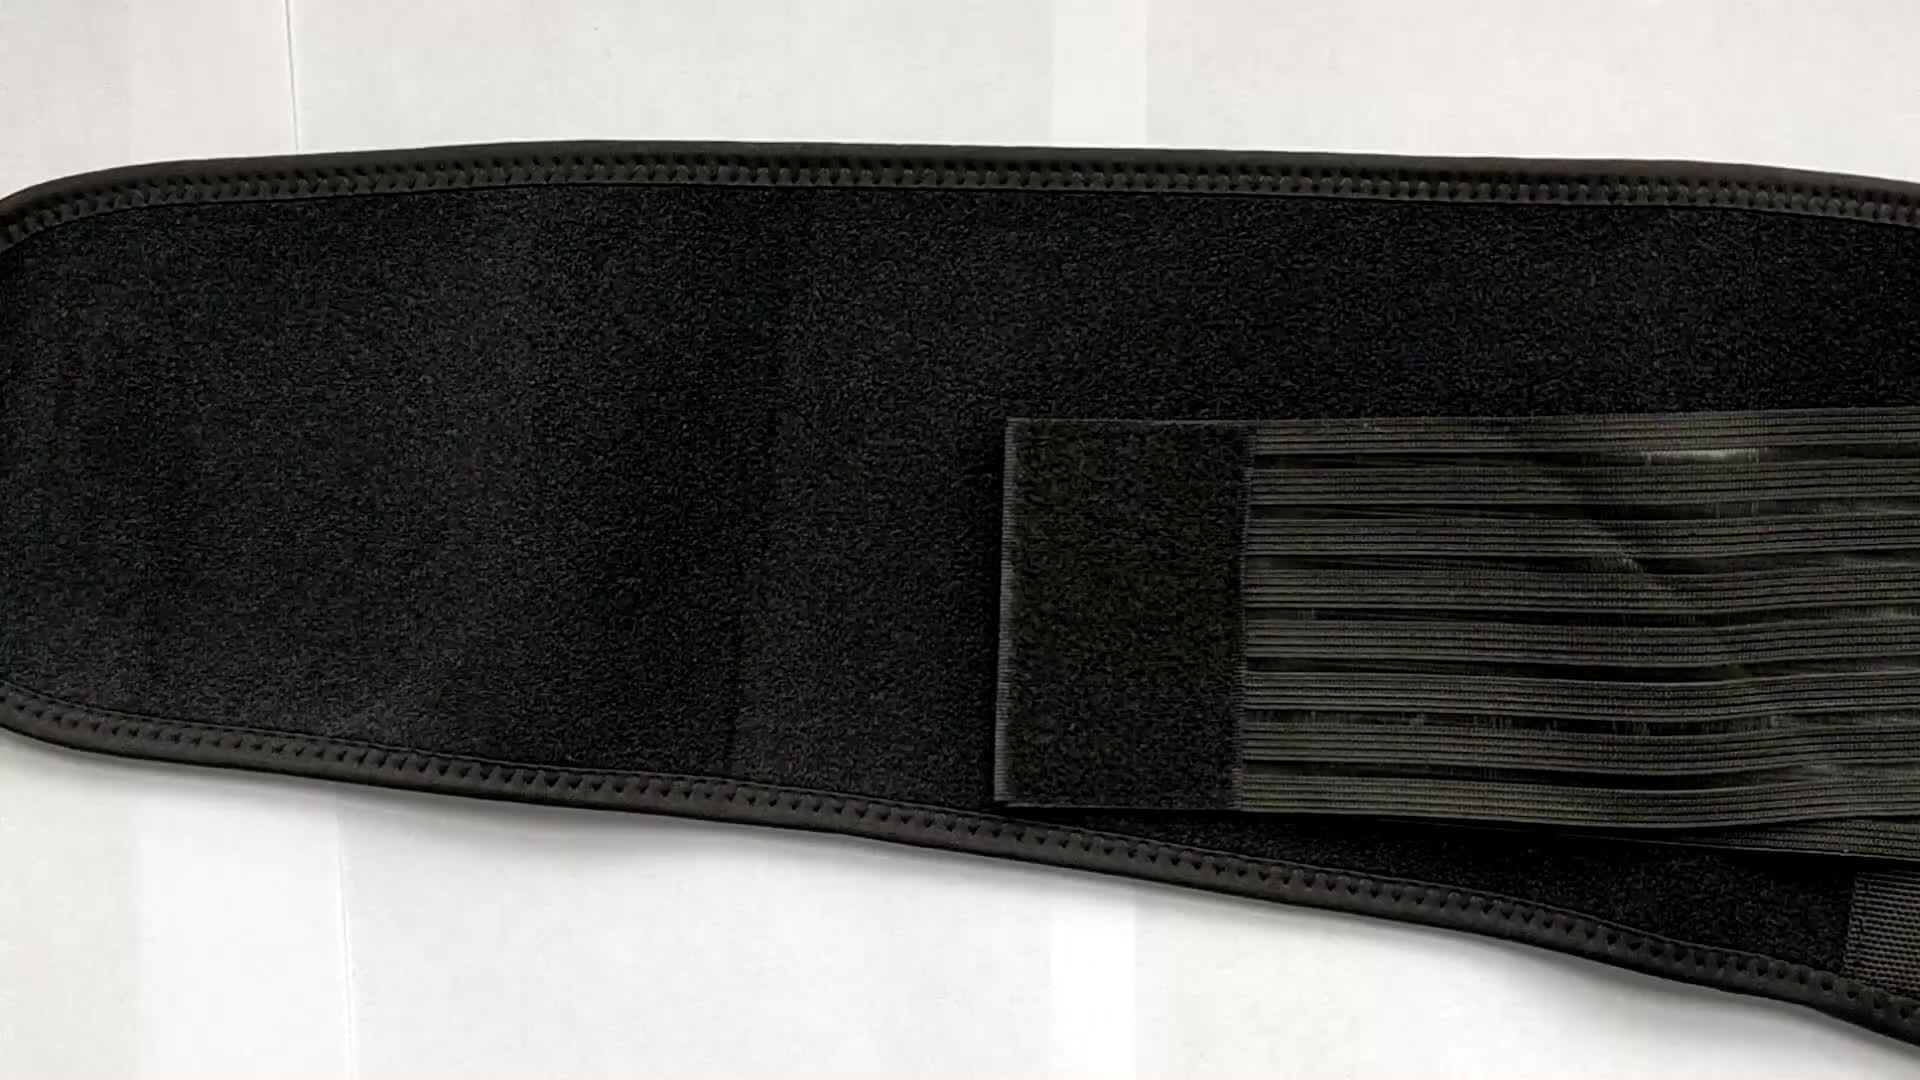 Kwaliteit Toermalijn Therapie Zelf Verwarming Taille Wrap Brace Magnetische Taille Ondersteuning Riem